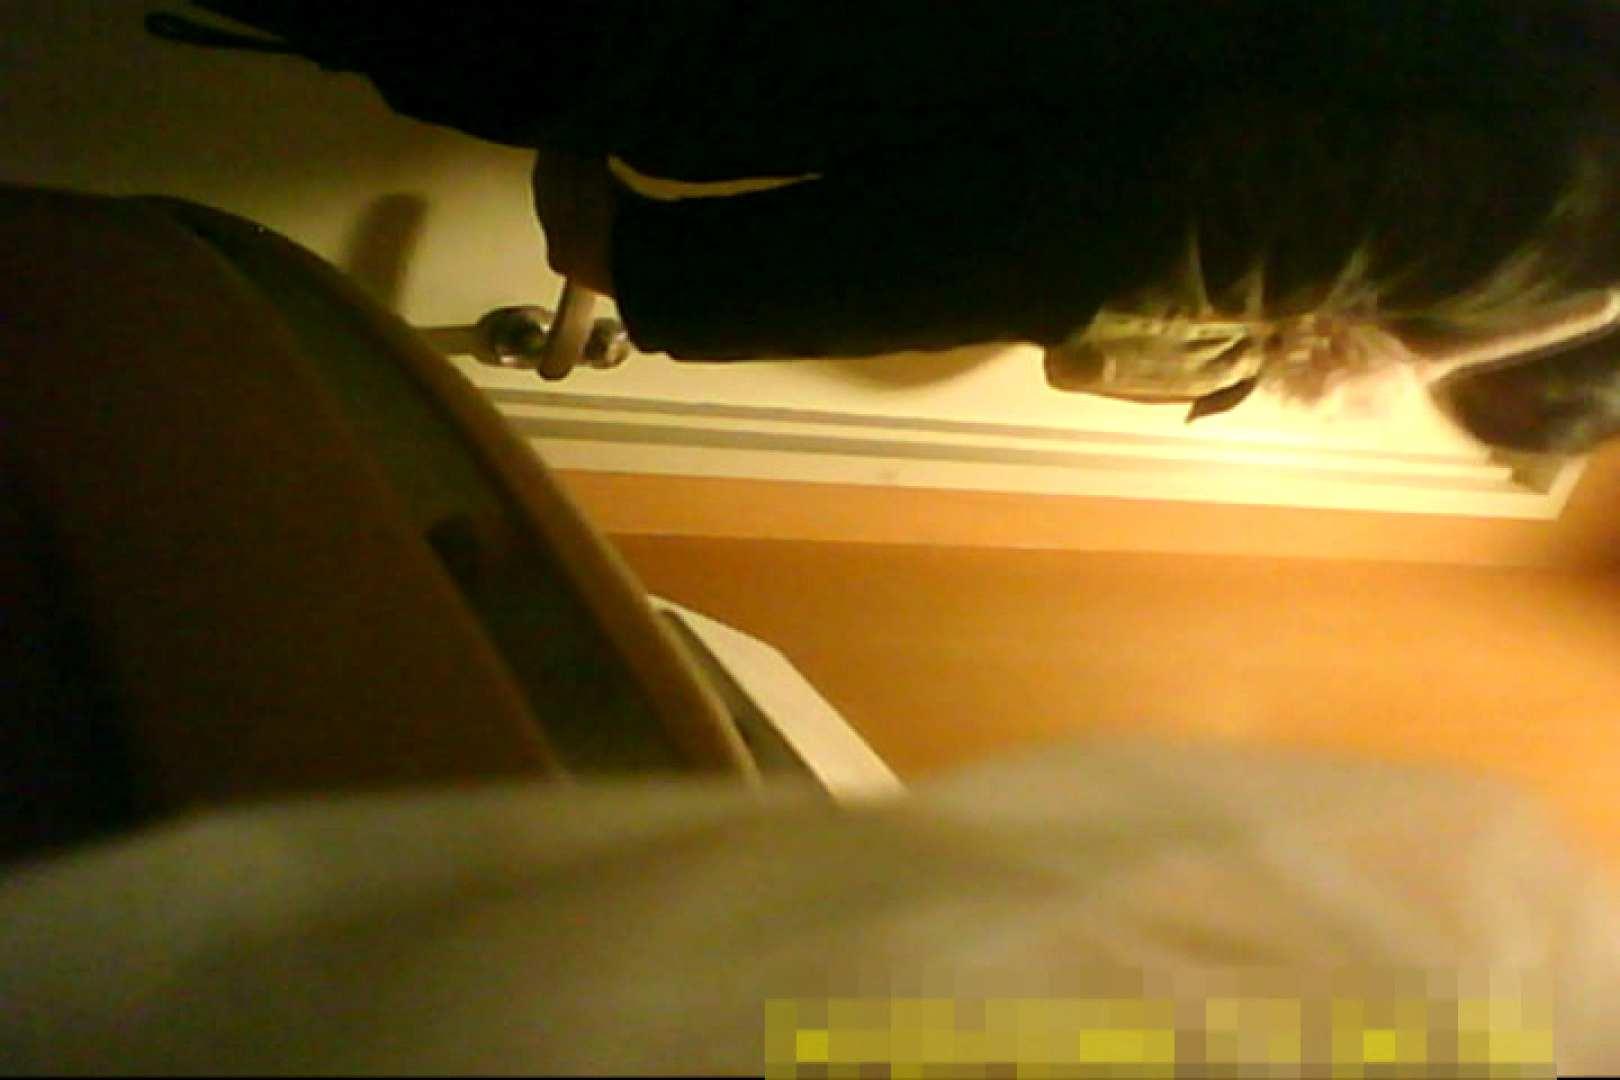 魅惑の化粧室~禁断のプライベート空間~vol.10 盗撮   プライベート  68連発 1